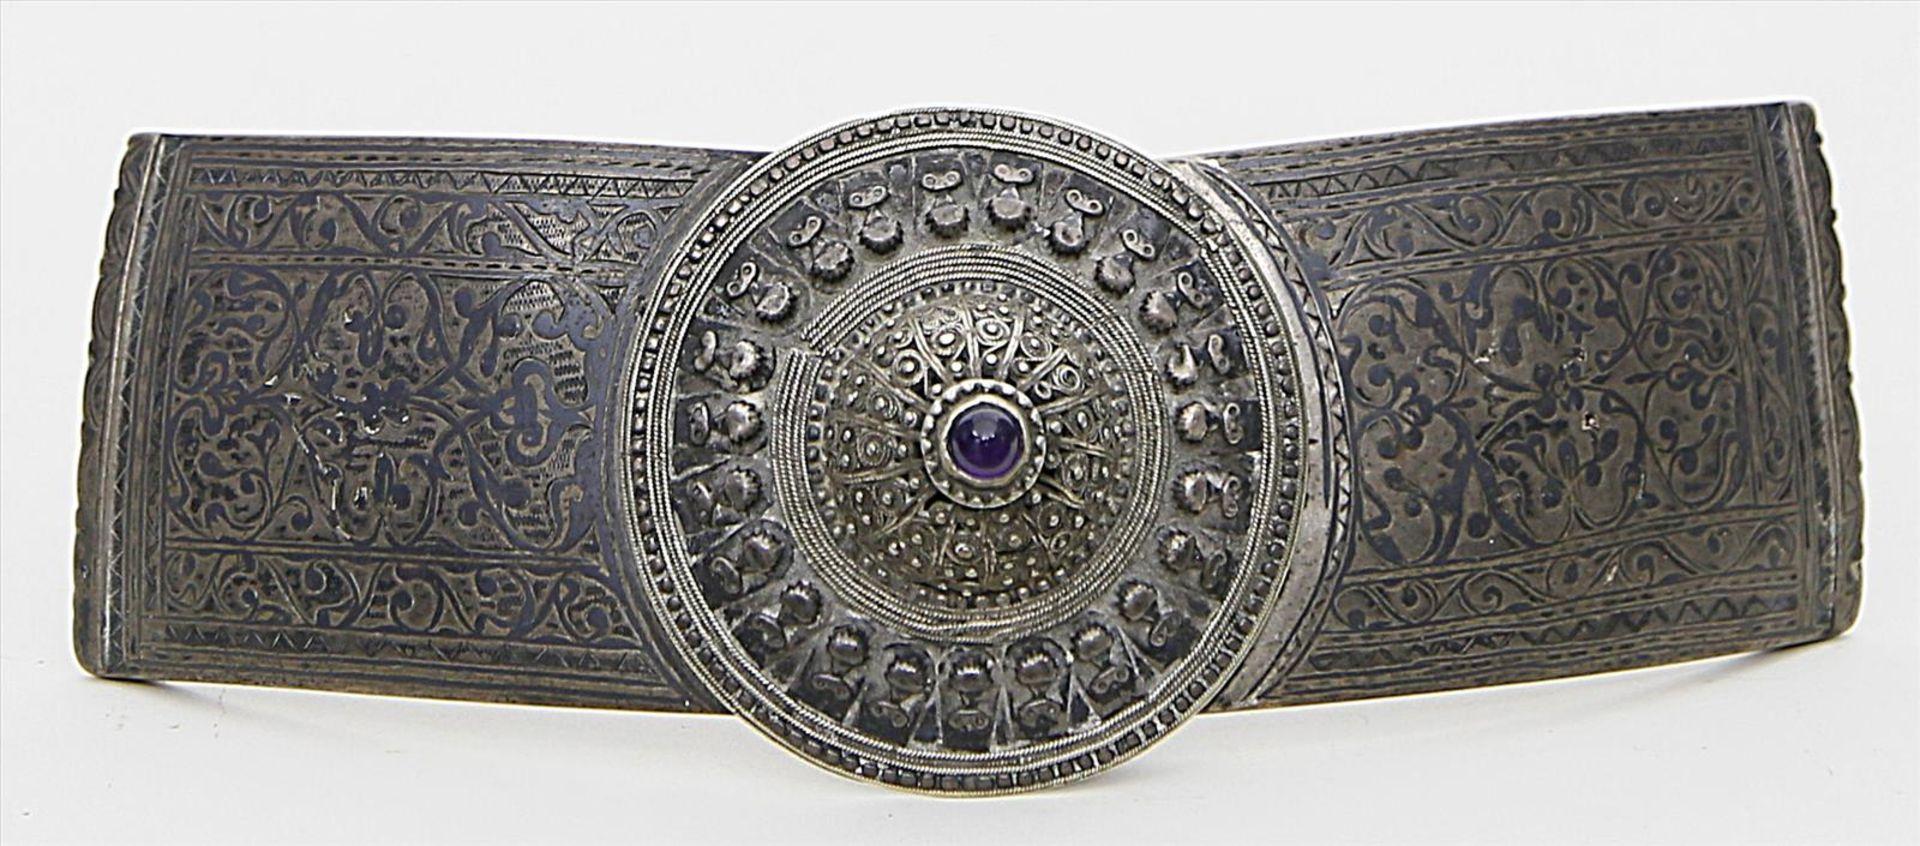 Los 1566 - Gürtelschließe,zweiteilig. Silber mit floraler Tauschierung, 205 g. Filiganer Aufsatz mit Amethyst-